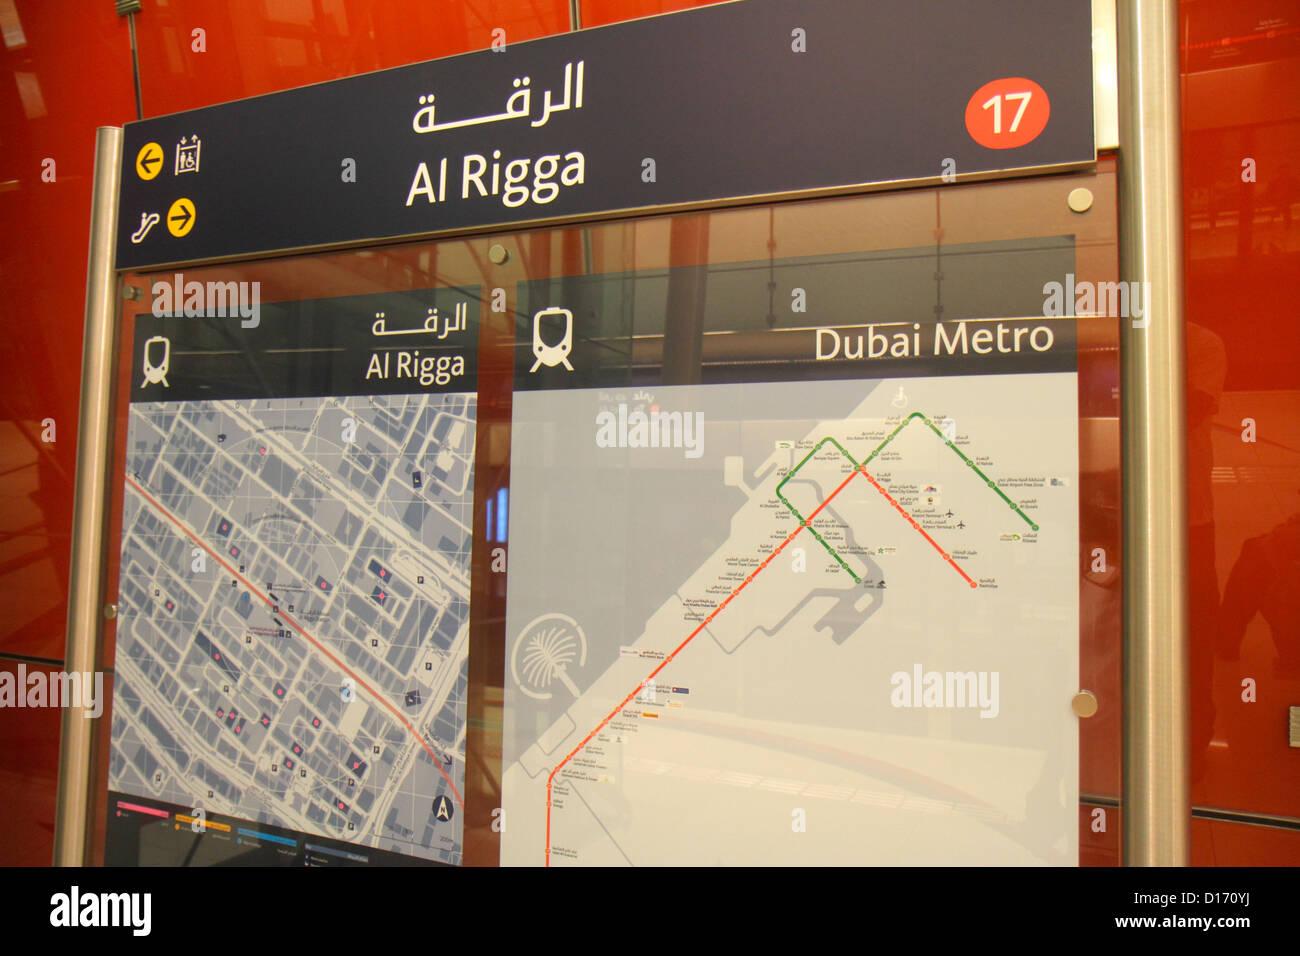 Dubai Subway Map.Dubai Uae United Arab Emirates U A E Middle East Deira Dubai Metro